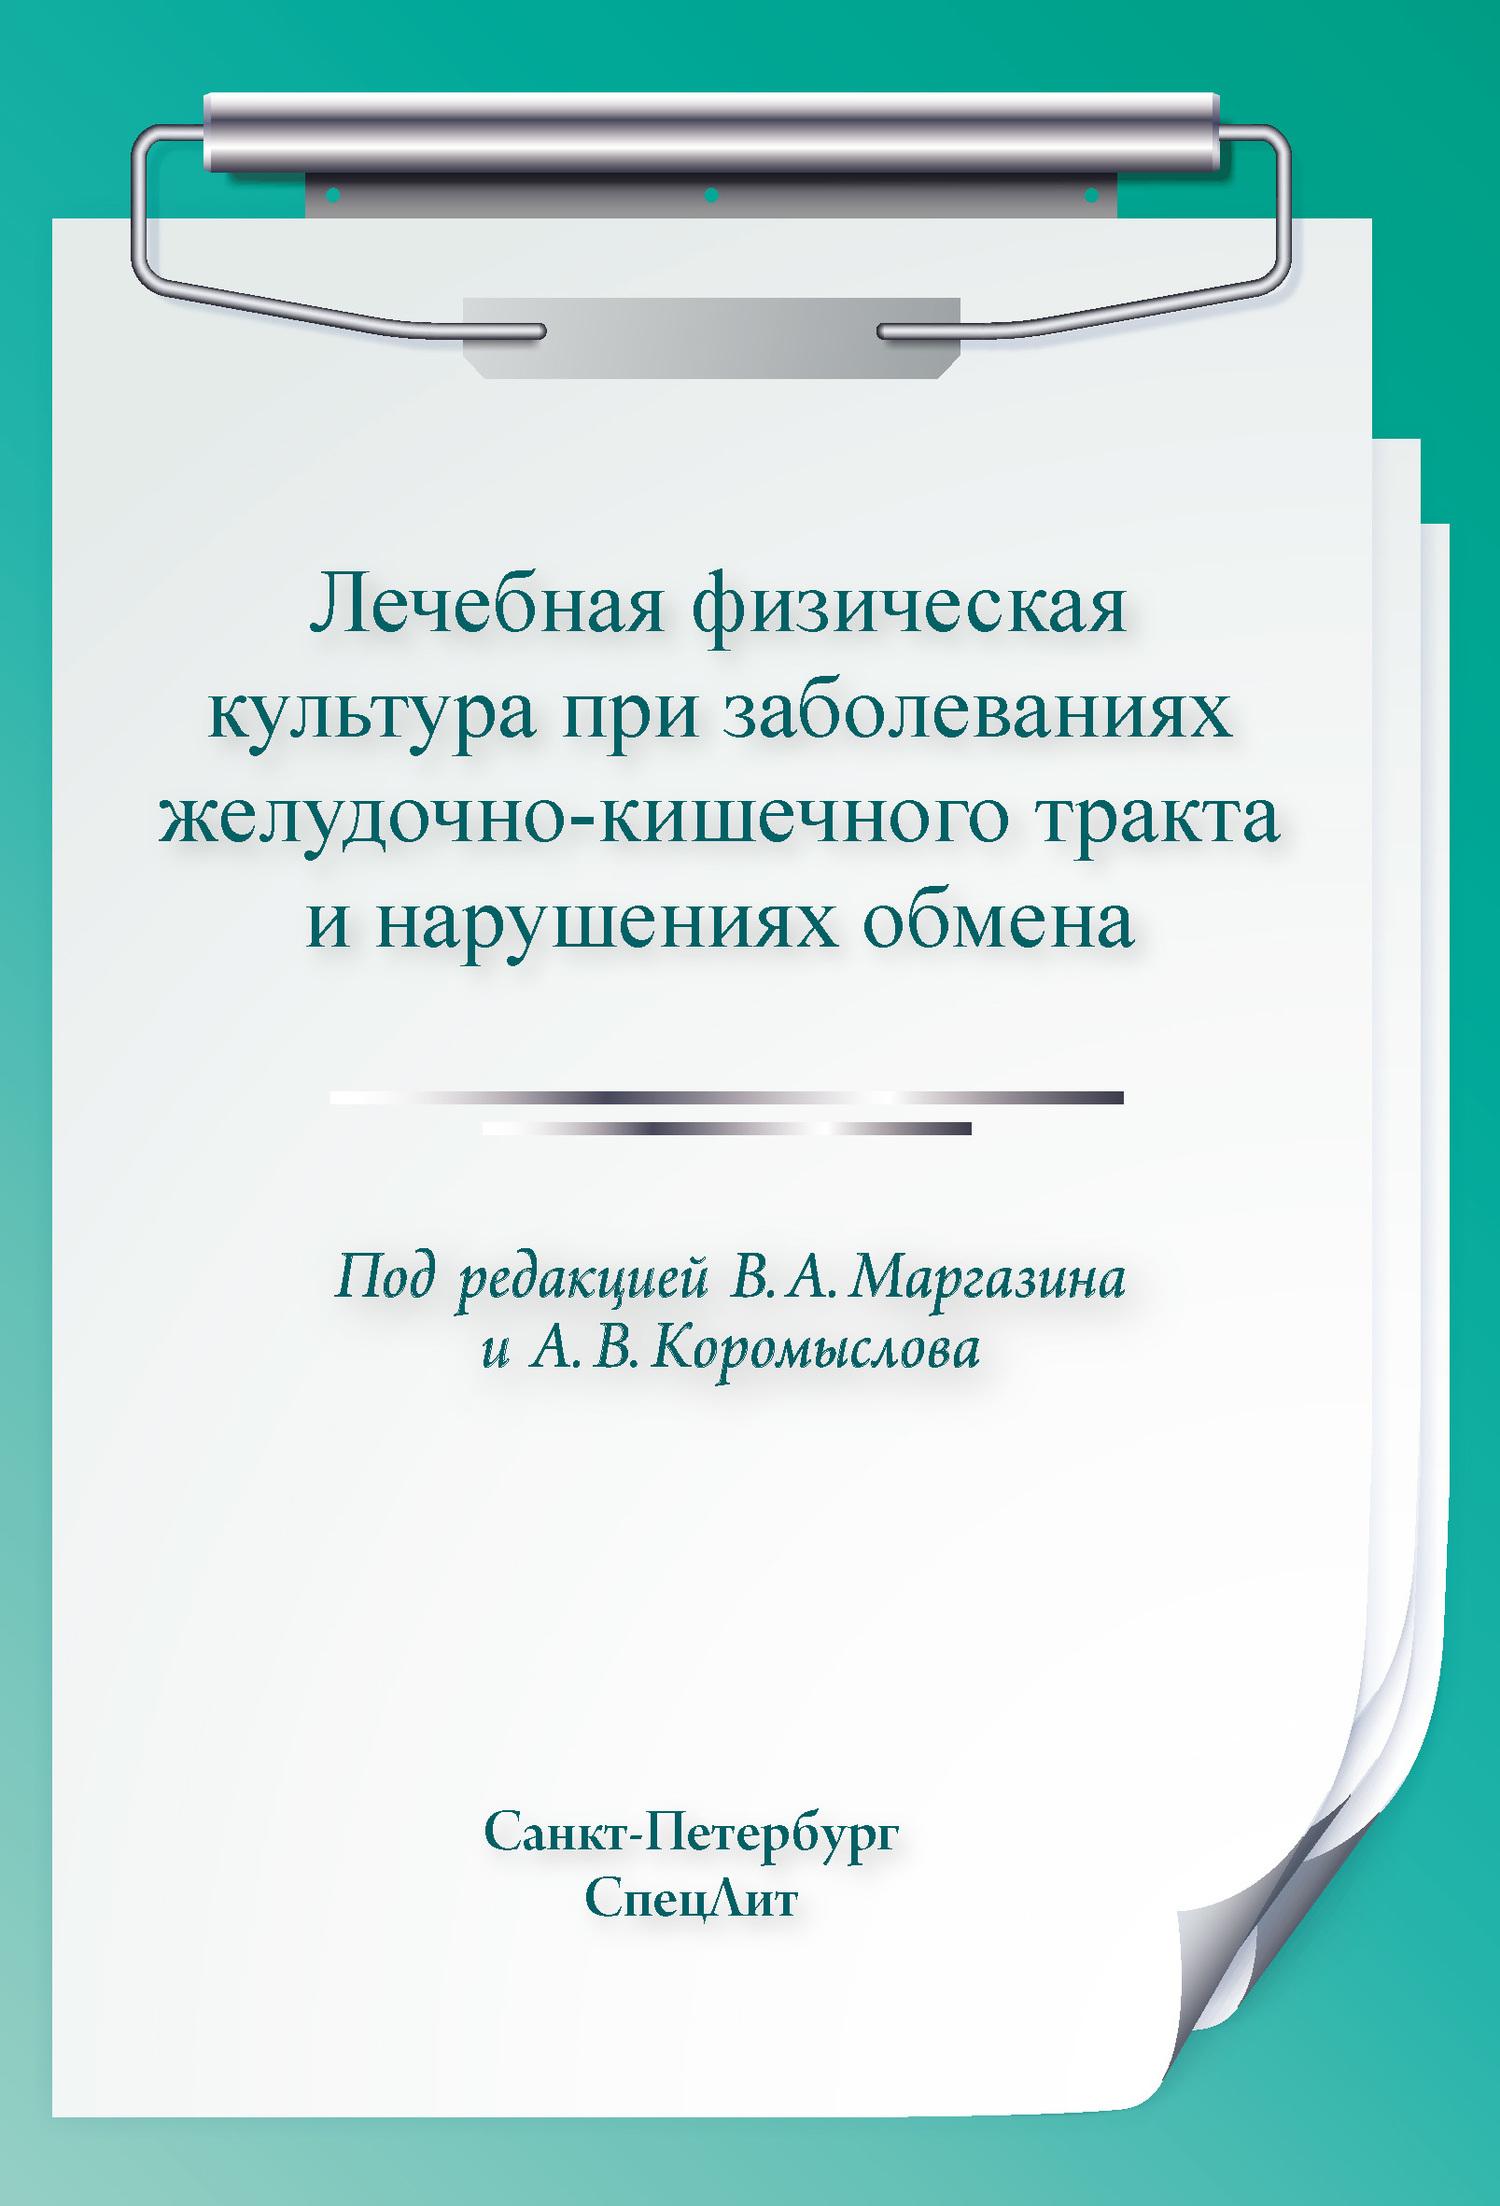 Коллектив авторов Лечебная физическая культура при заболеваниях желудочно-кишечного тракта и нарушениях обмена